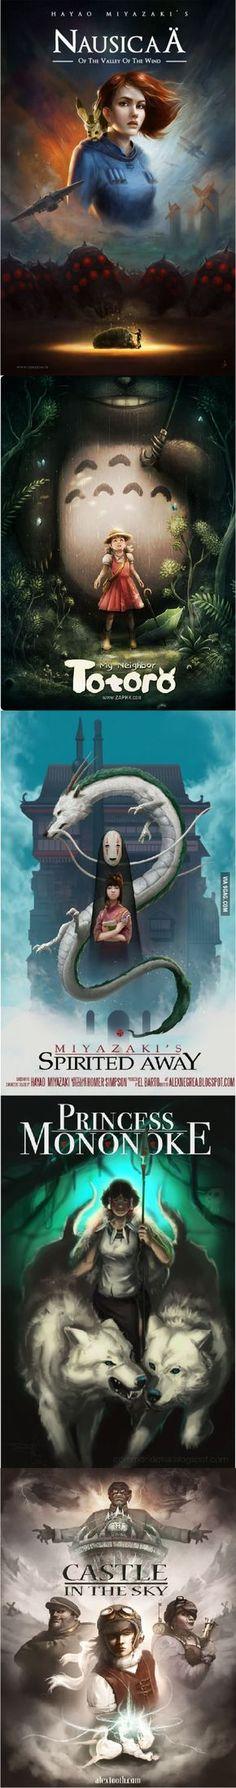 Las películas de estudio Ghibli reimaginadas